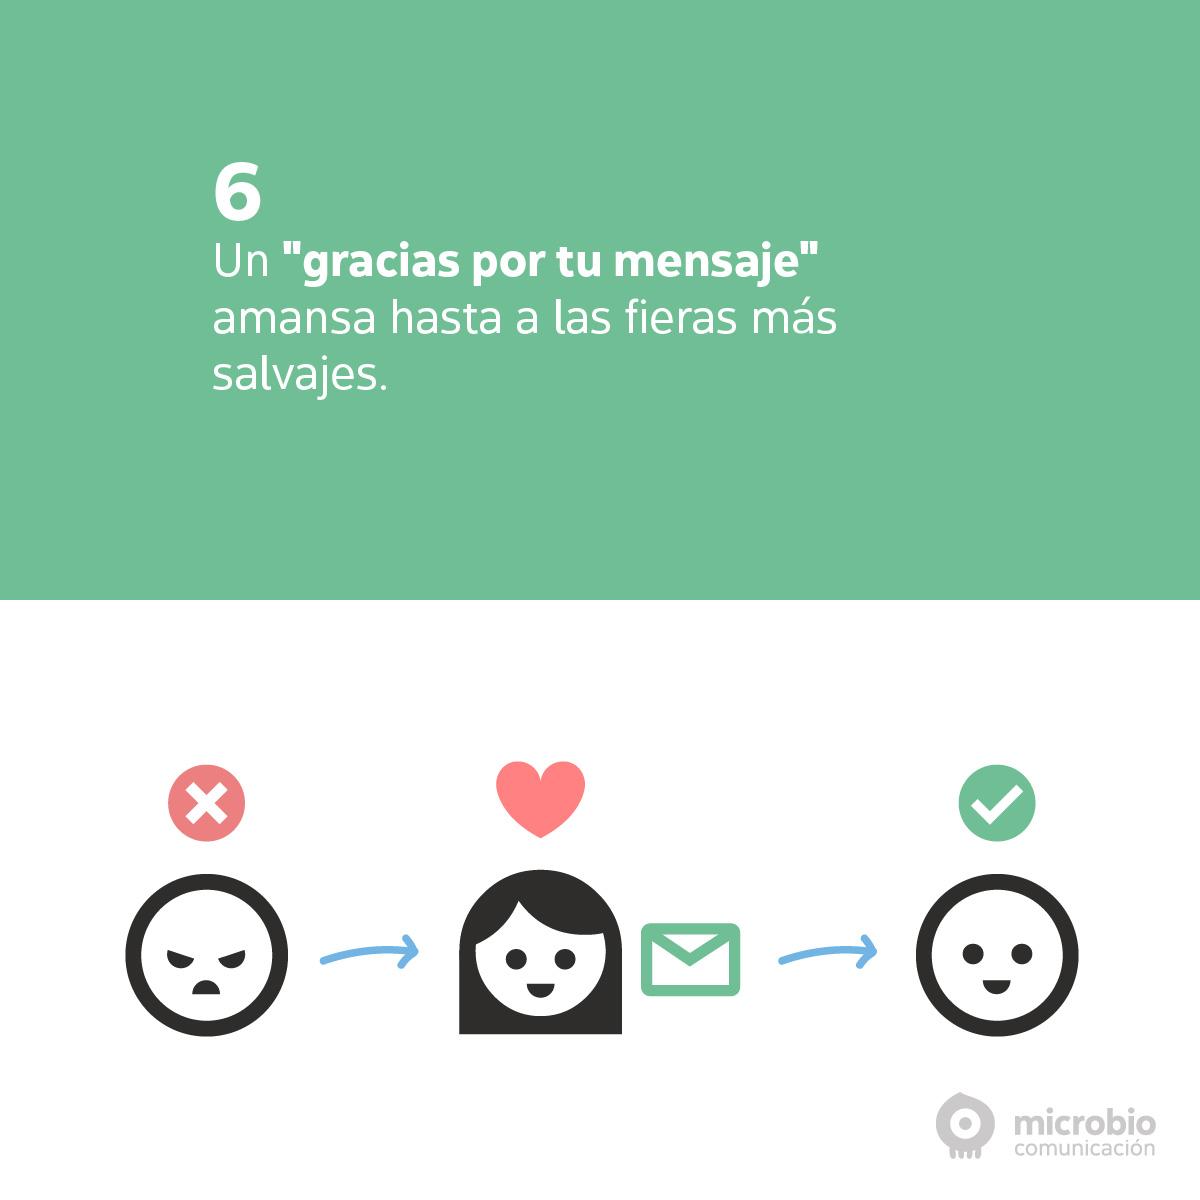 Quejas en redes sociales: sé amable